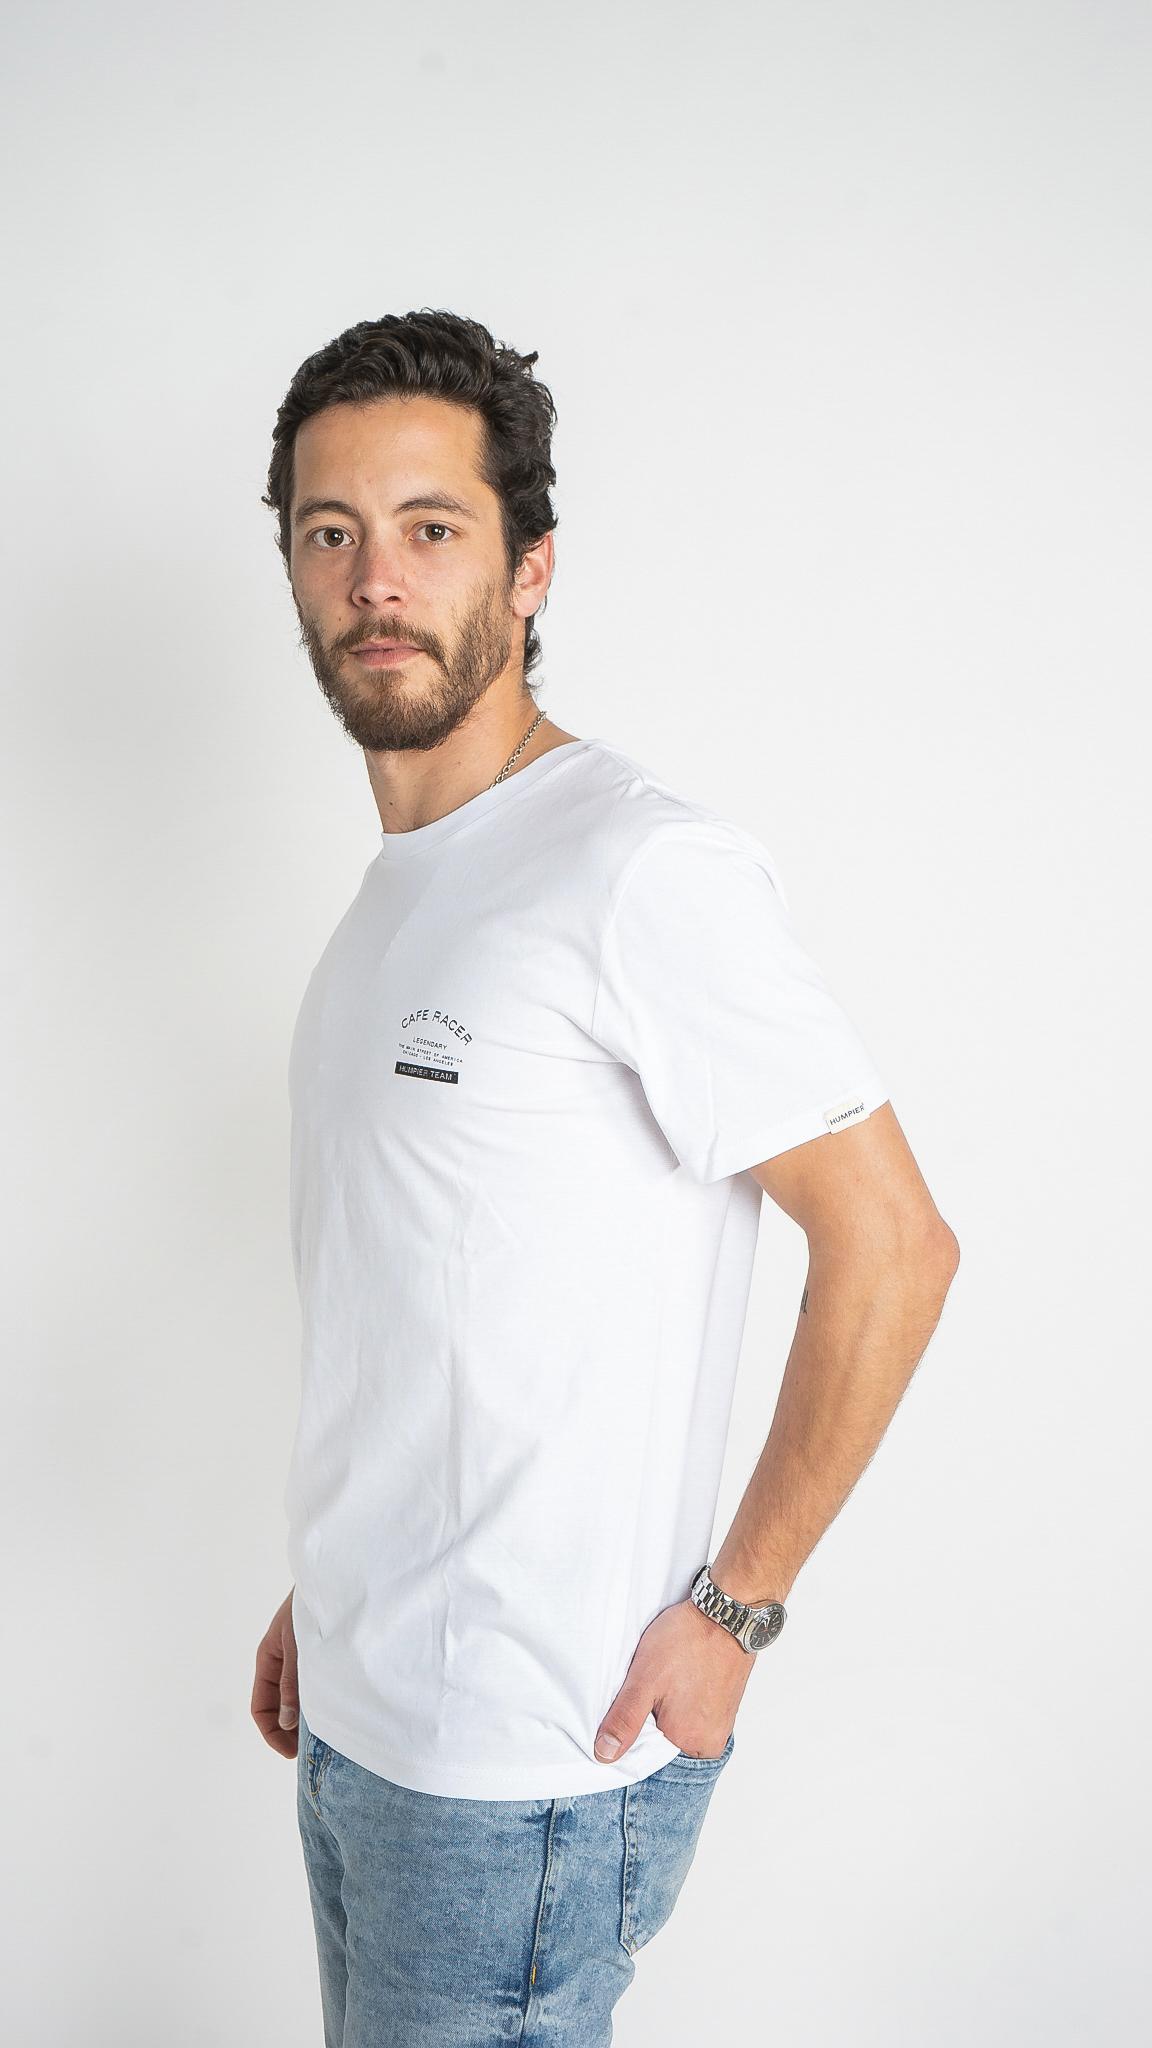 Camiseta Cafe Racer Blanca   Humpier   Edición limitada